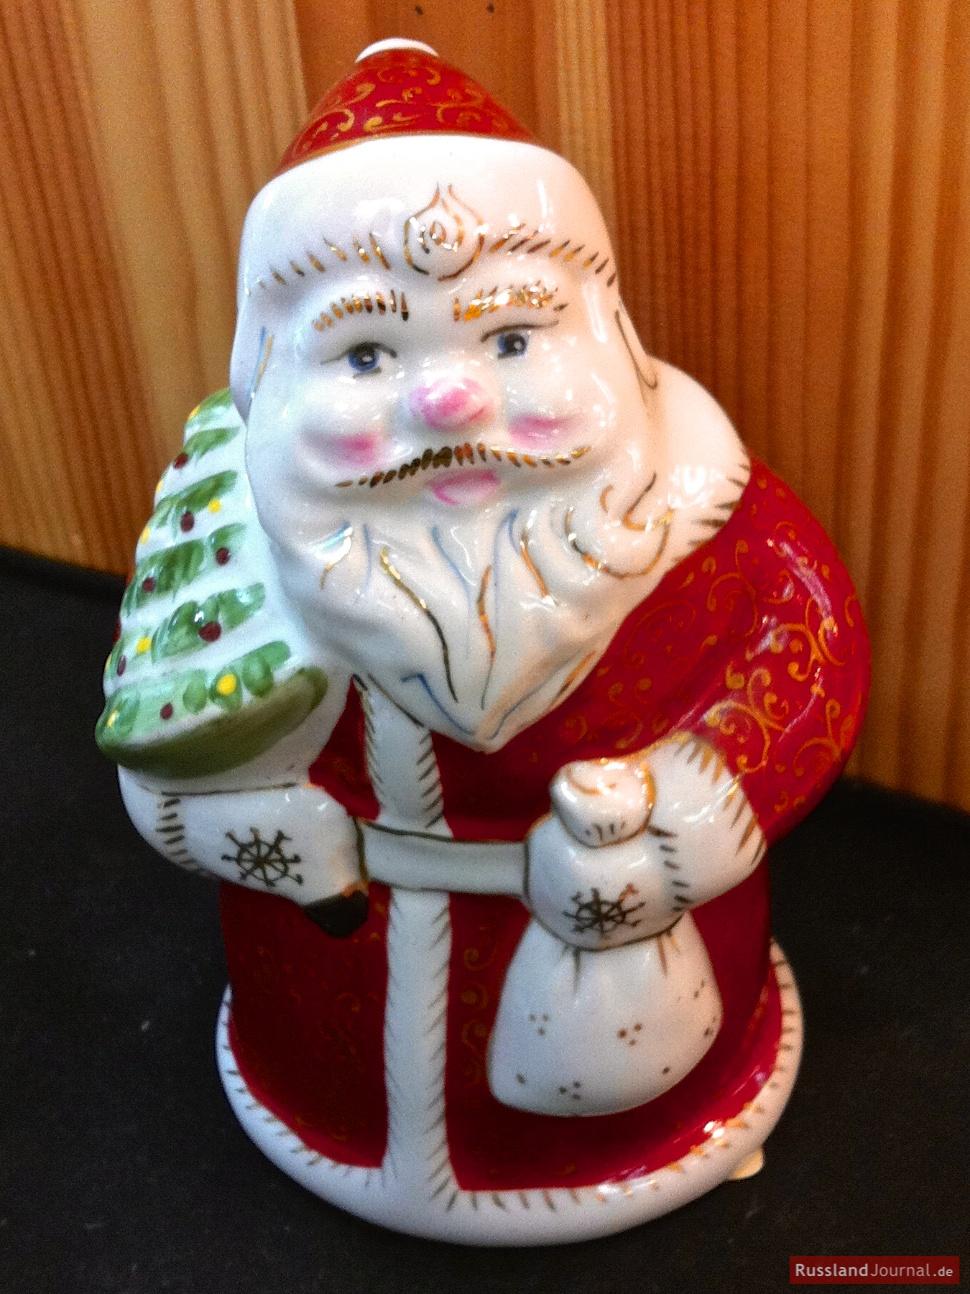 Väterchen Frost als Porzellanfigur